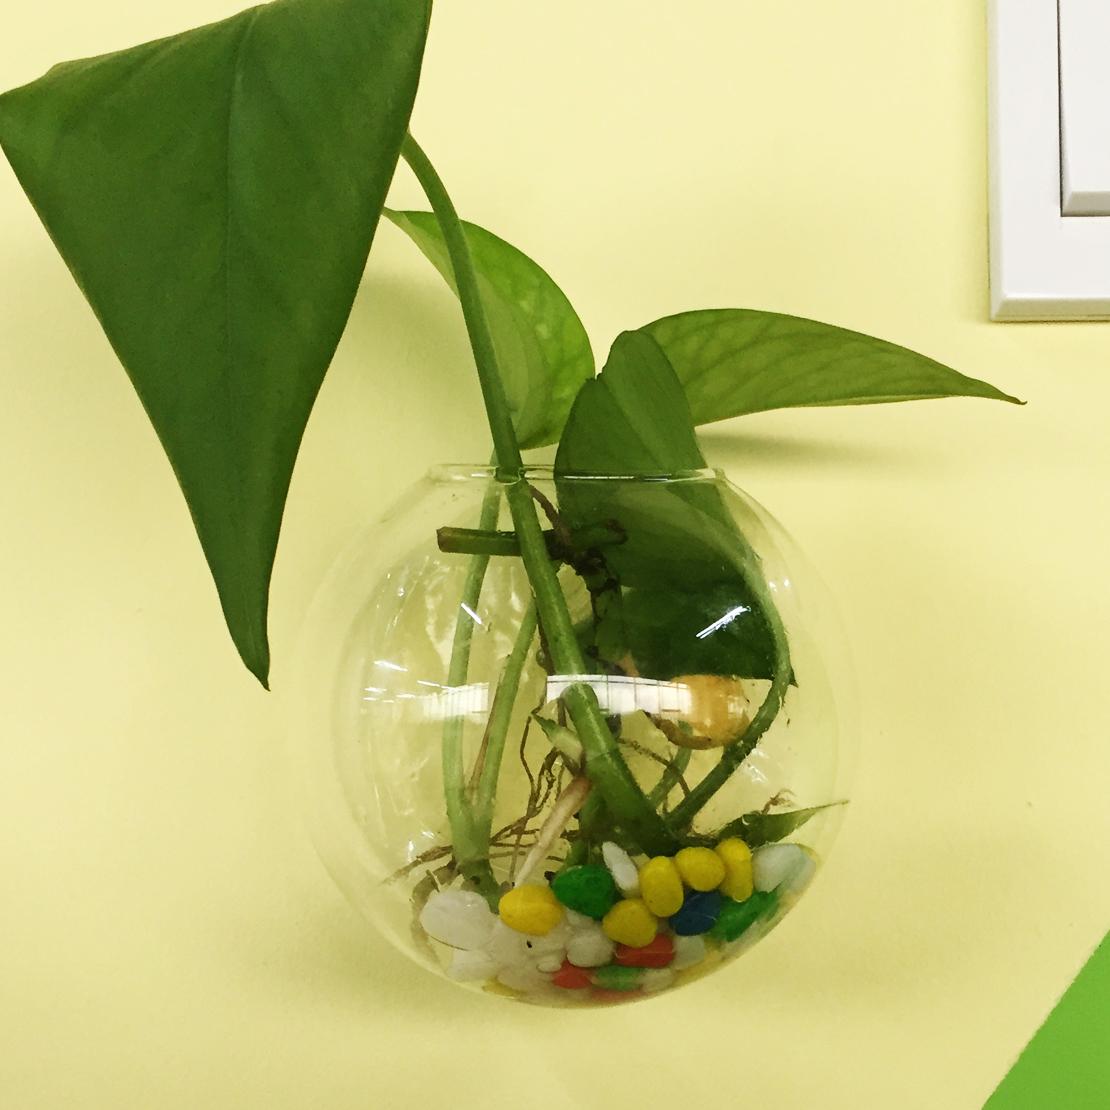 1pc Glass Hanging Plant Flower Terrarium Ball Vase Bottle Fish ...